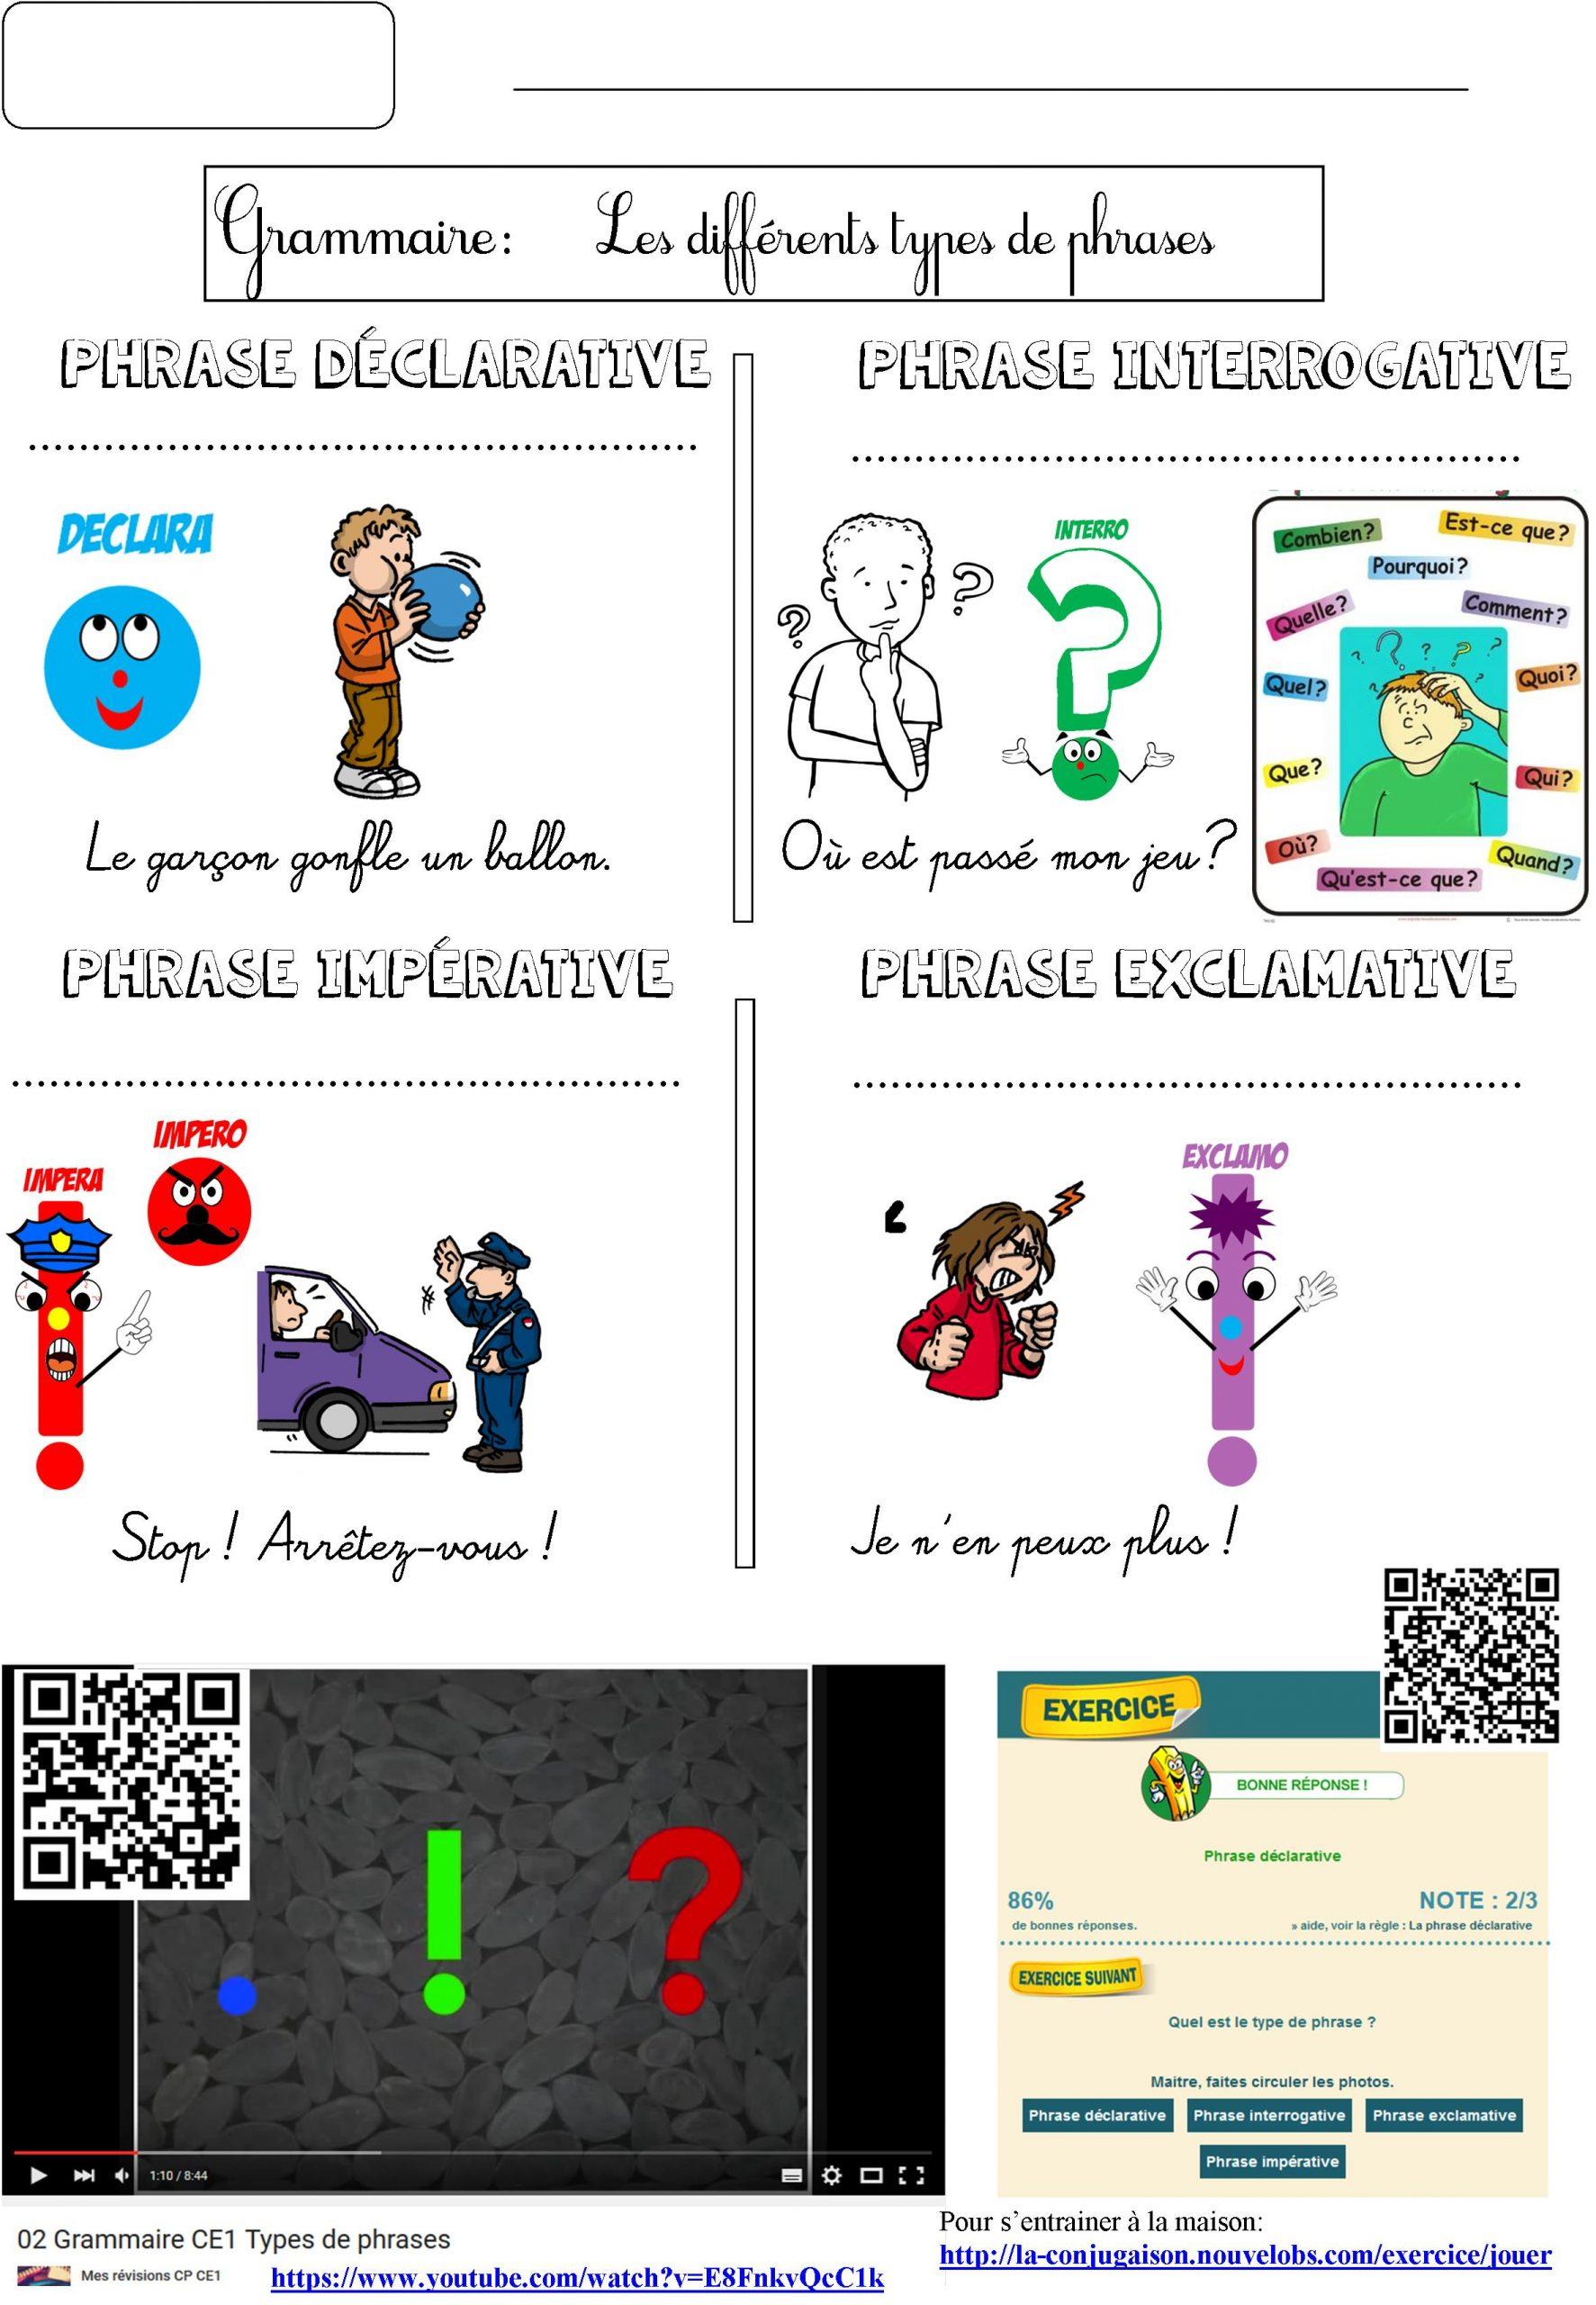 Grammaire Ludique | Le Blog De Monsieur Mathieu avec Exercice Ludique